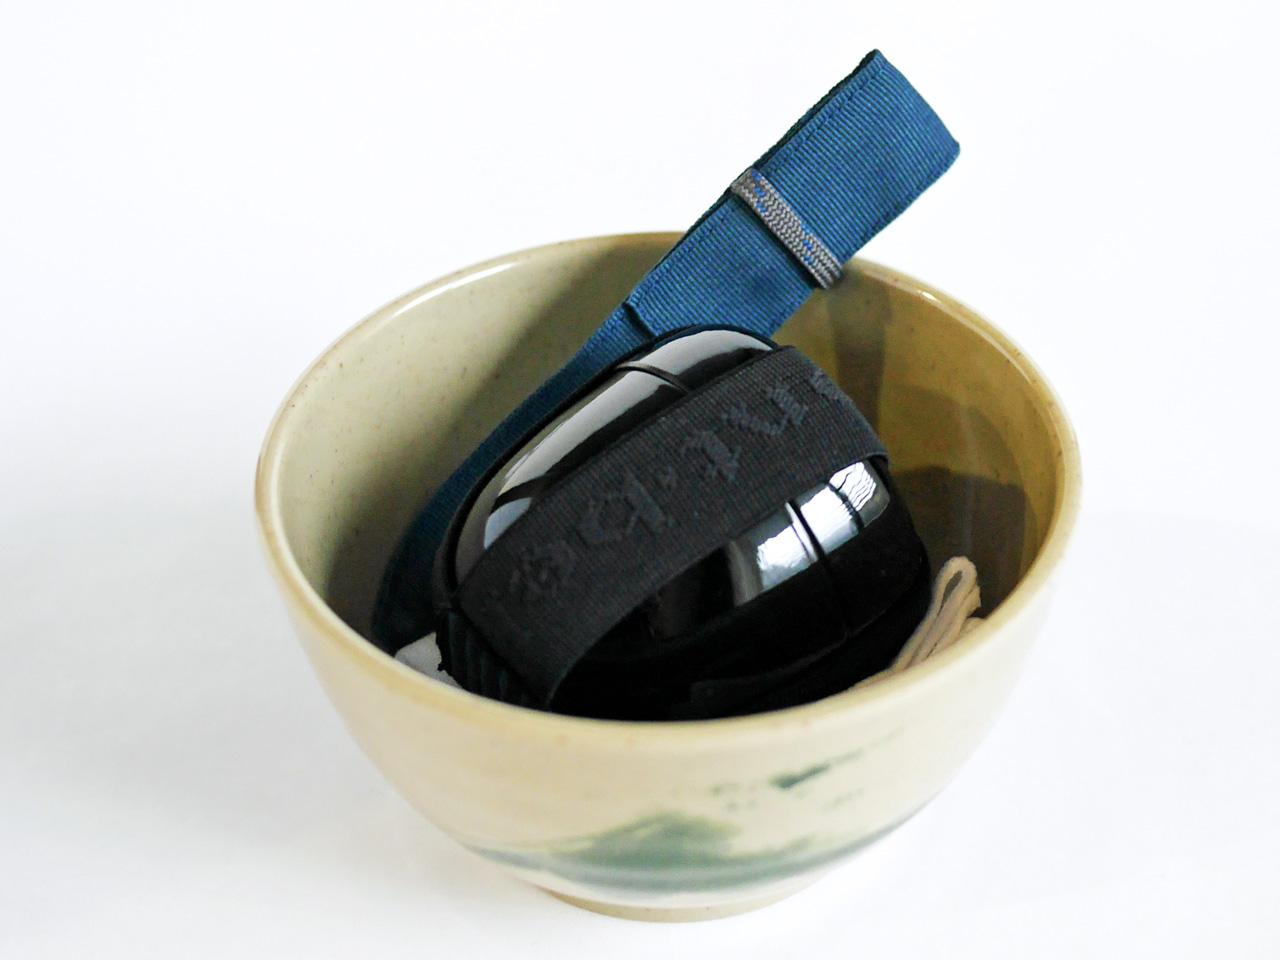 モンベル 野点茶碗 棗 茶杓 茶巾